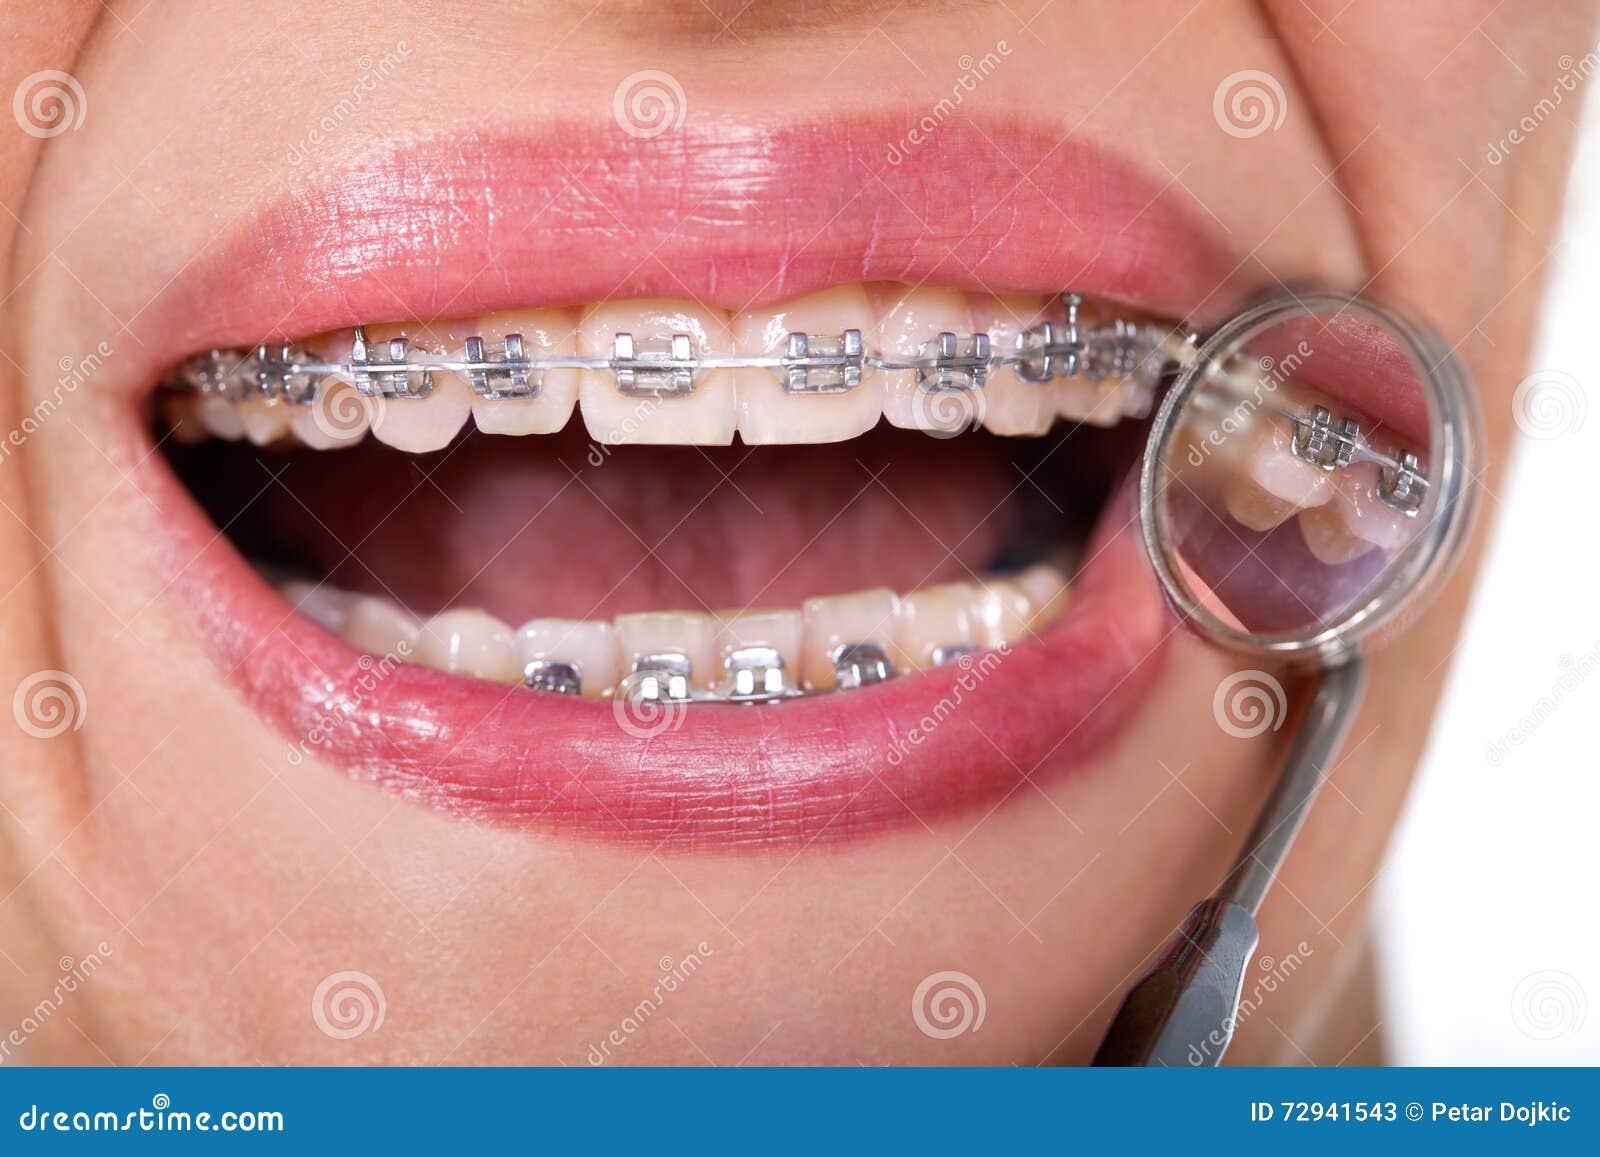 Θηλυκός ασθενής που παρουσιάζει γλωσσικά στηρίγματά της στον οδοντικό καθρέφτη